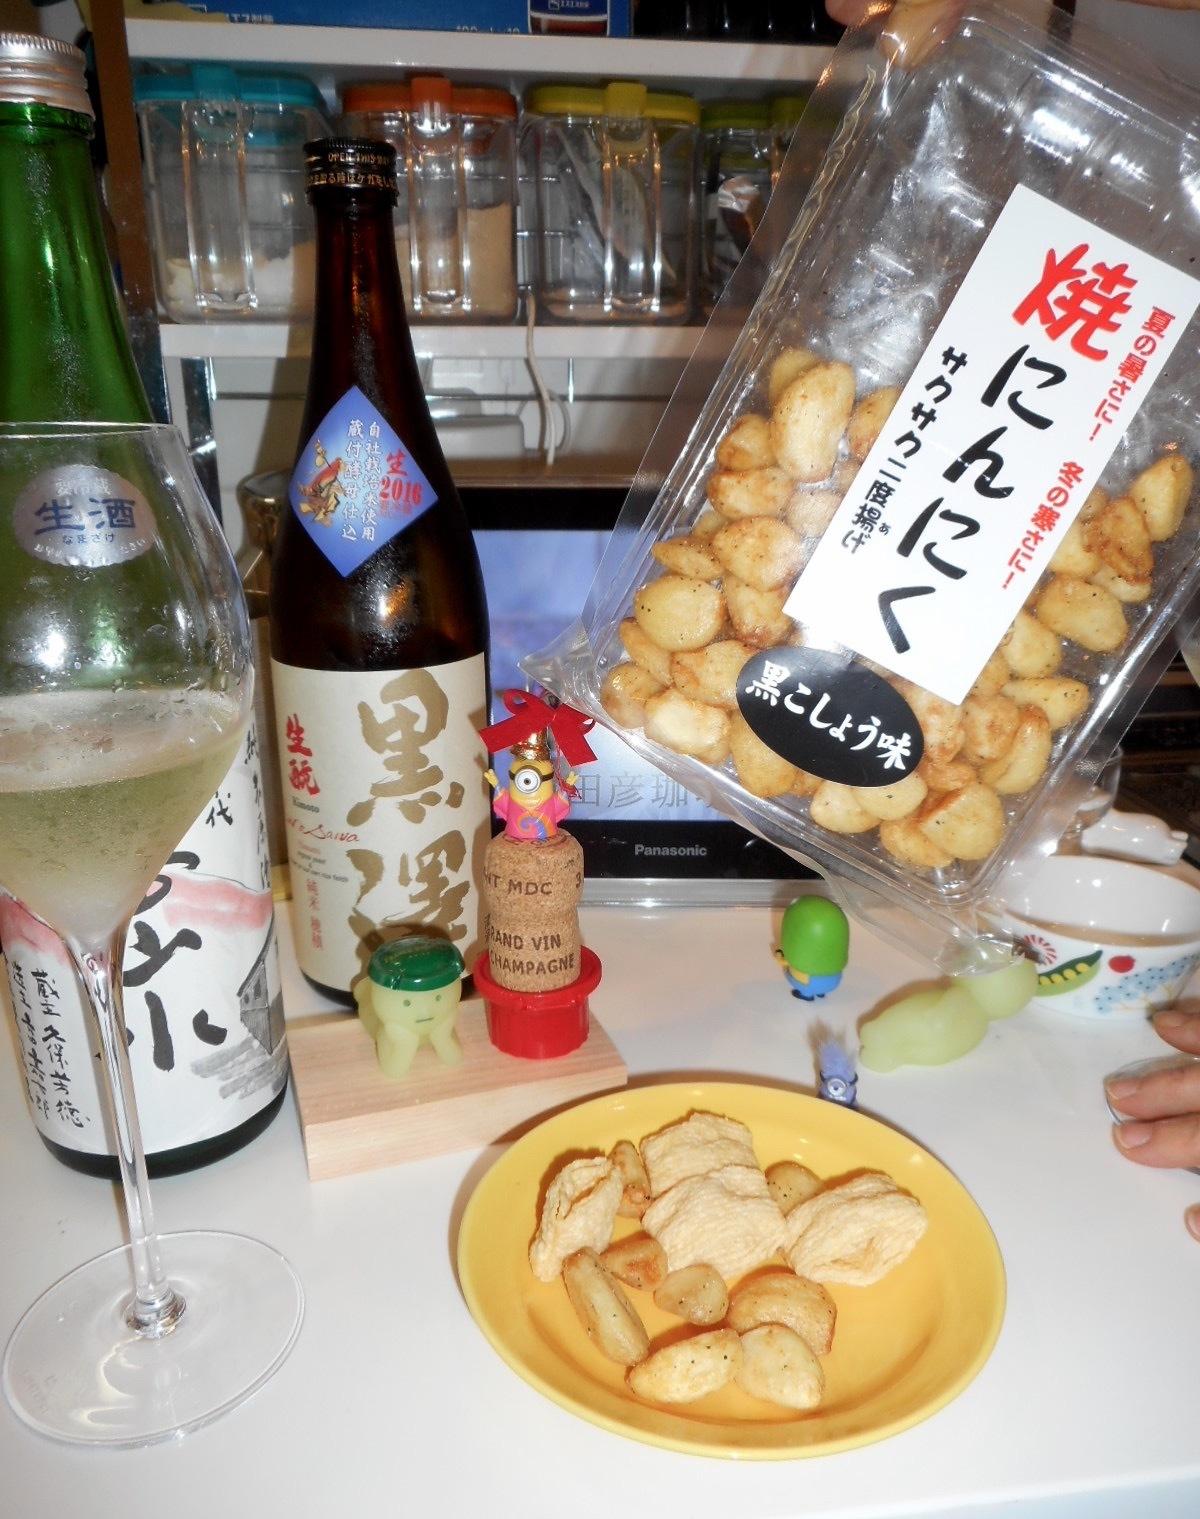 chiyo_kinuhikari60b_26by10.jpg